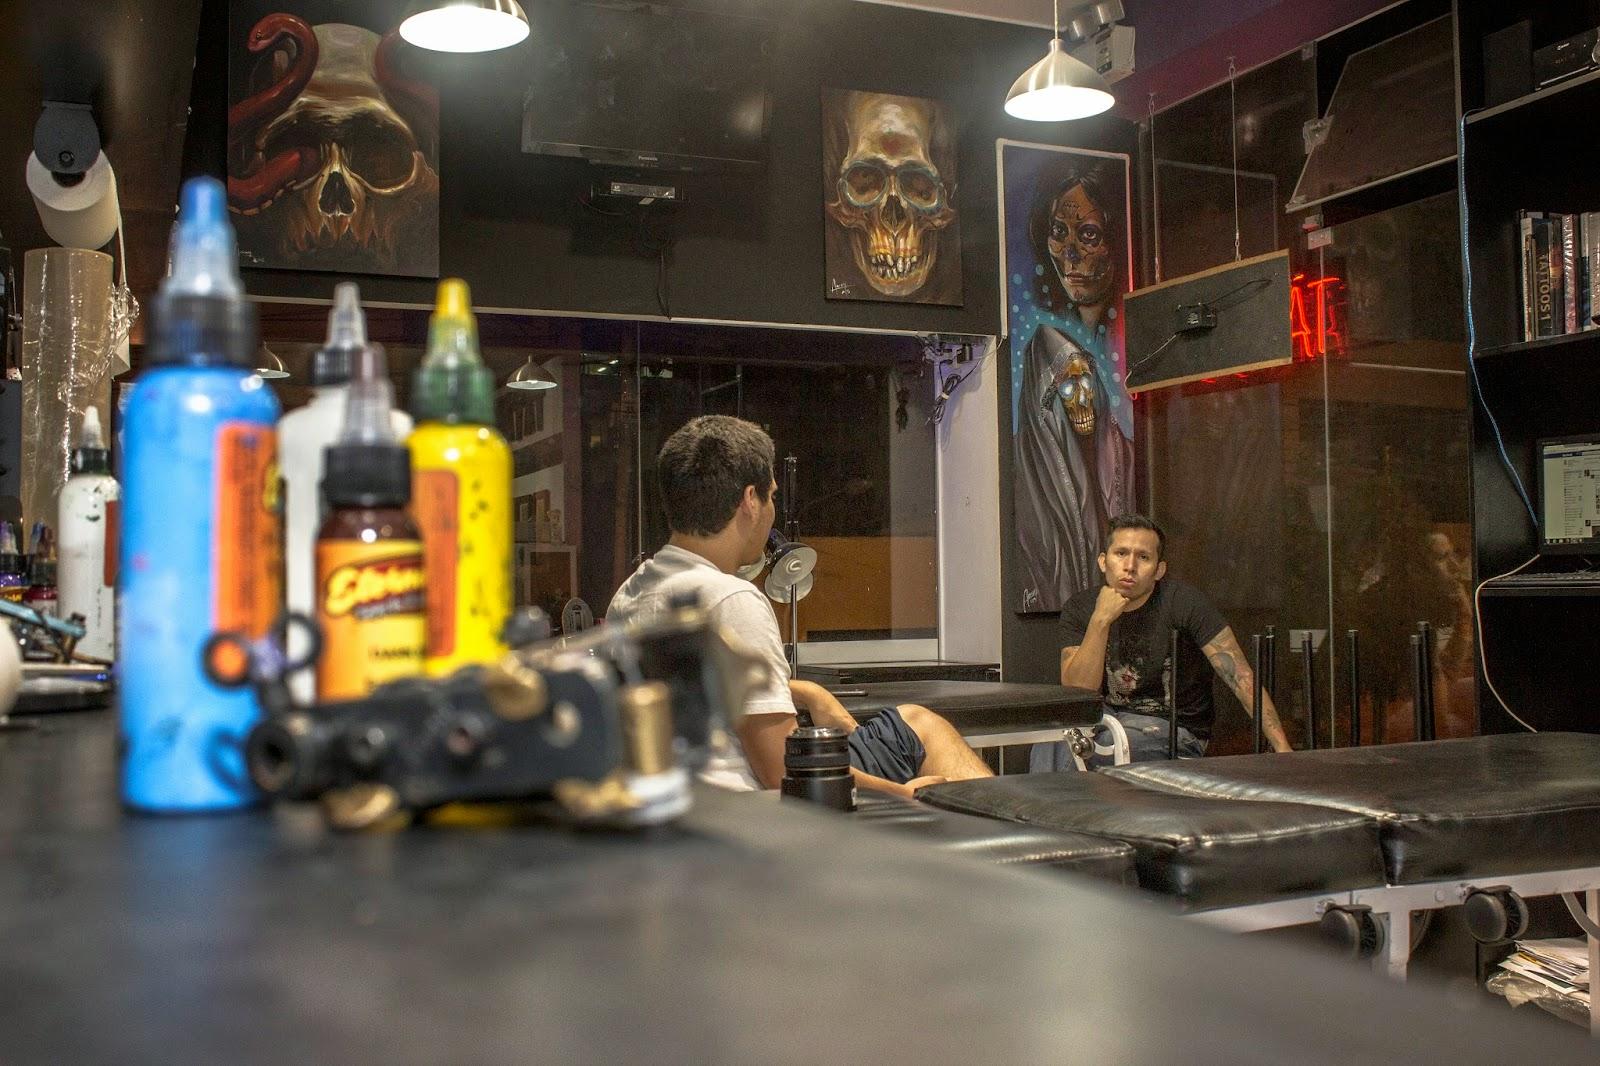 El vicio de escribir: Aaron Sotomayor: Un tatuador apático no puede ...